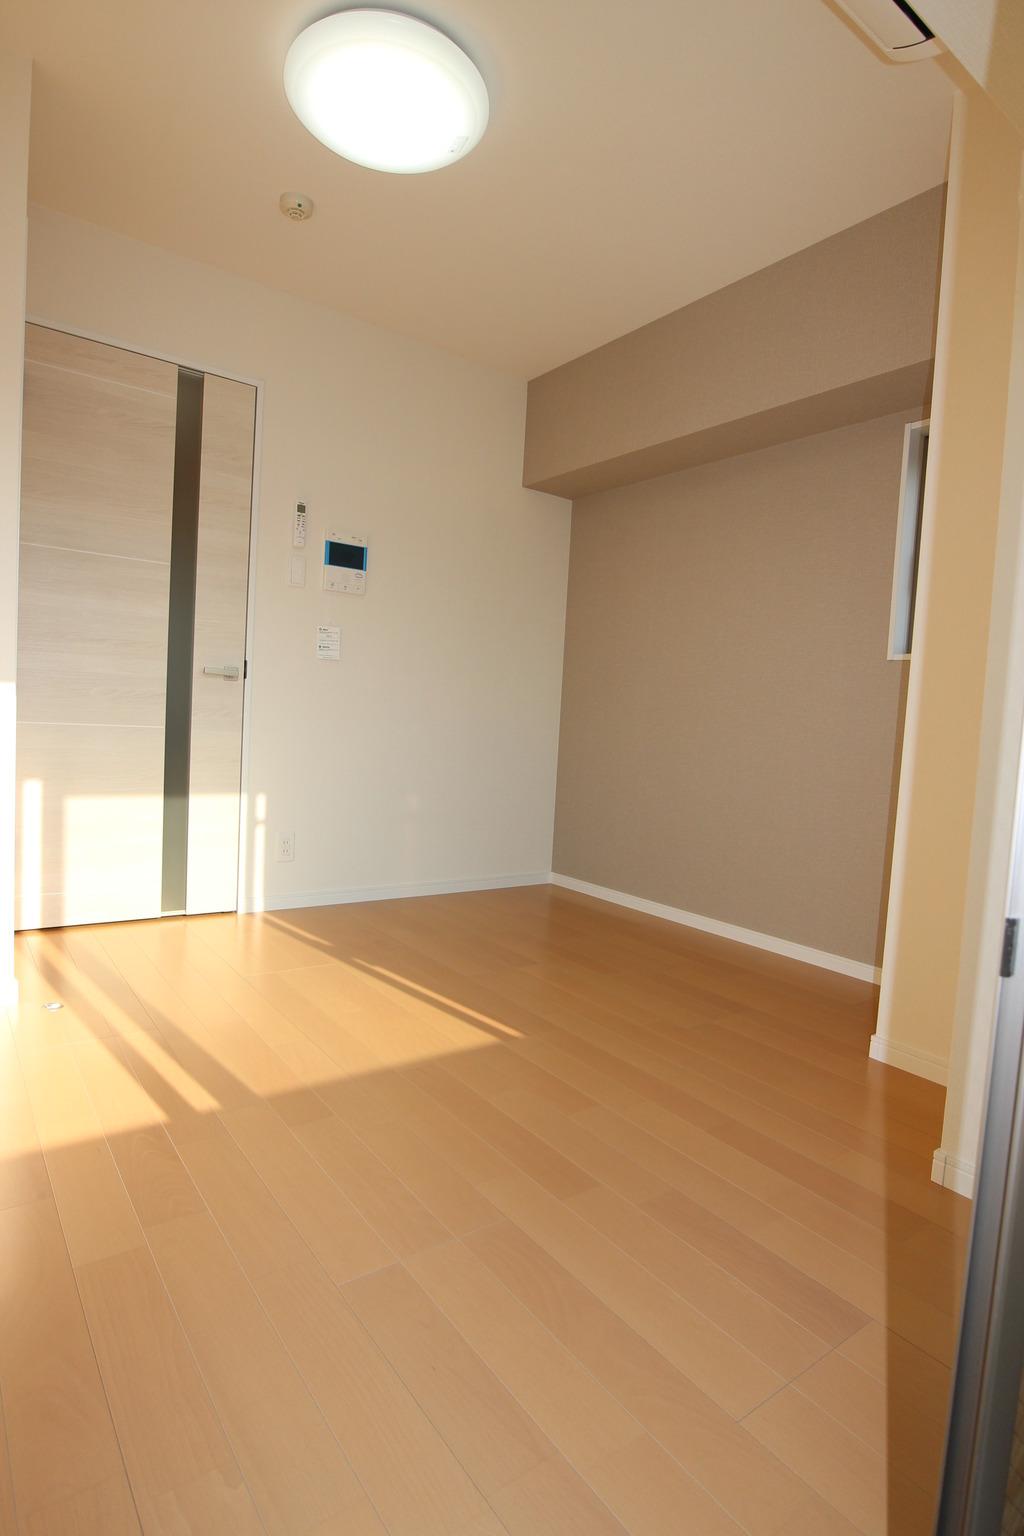 都会の喧騒を忘れさせてくれる静かで清潔感あふれる室内空間になります。